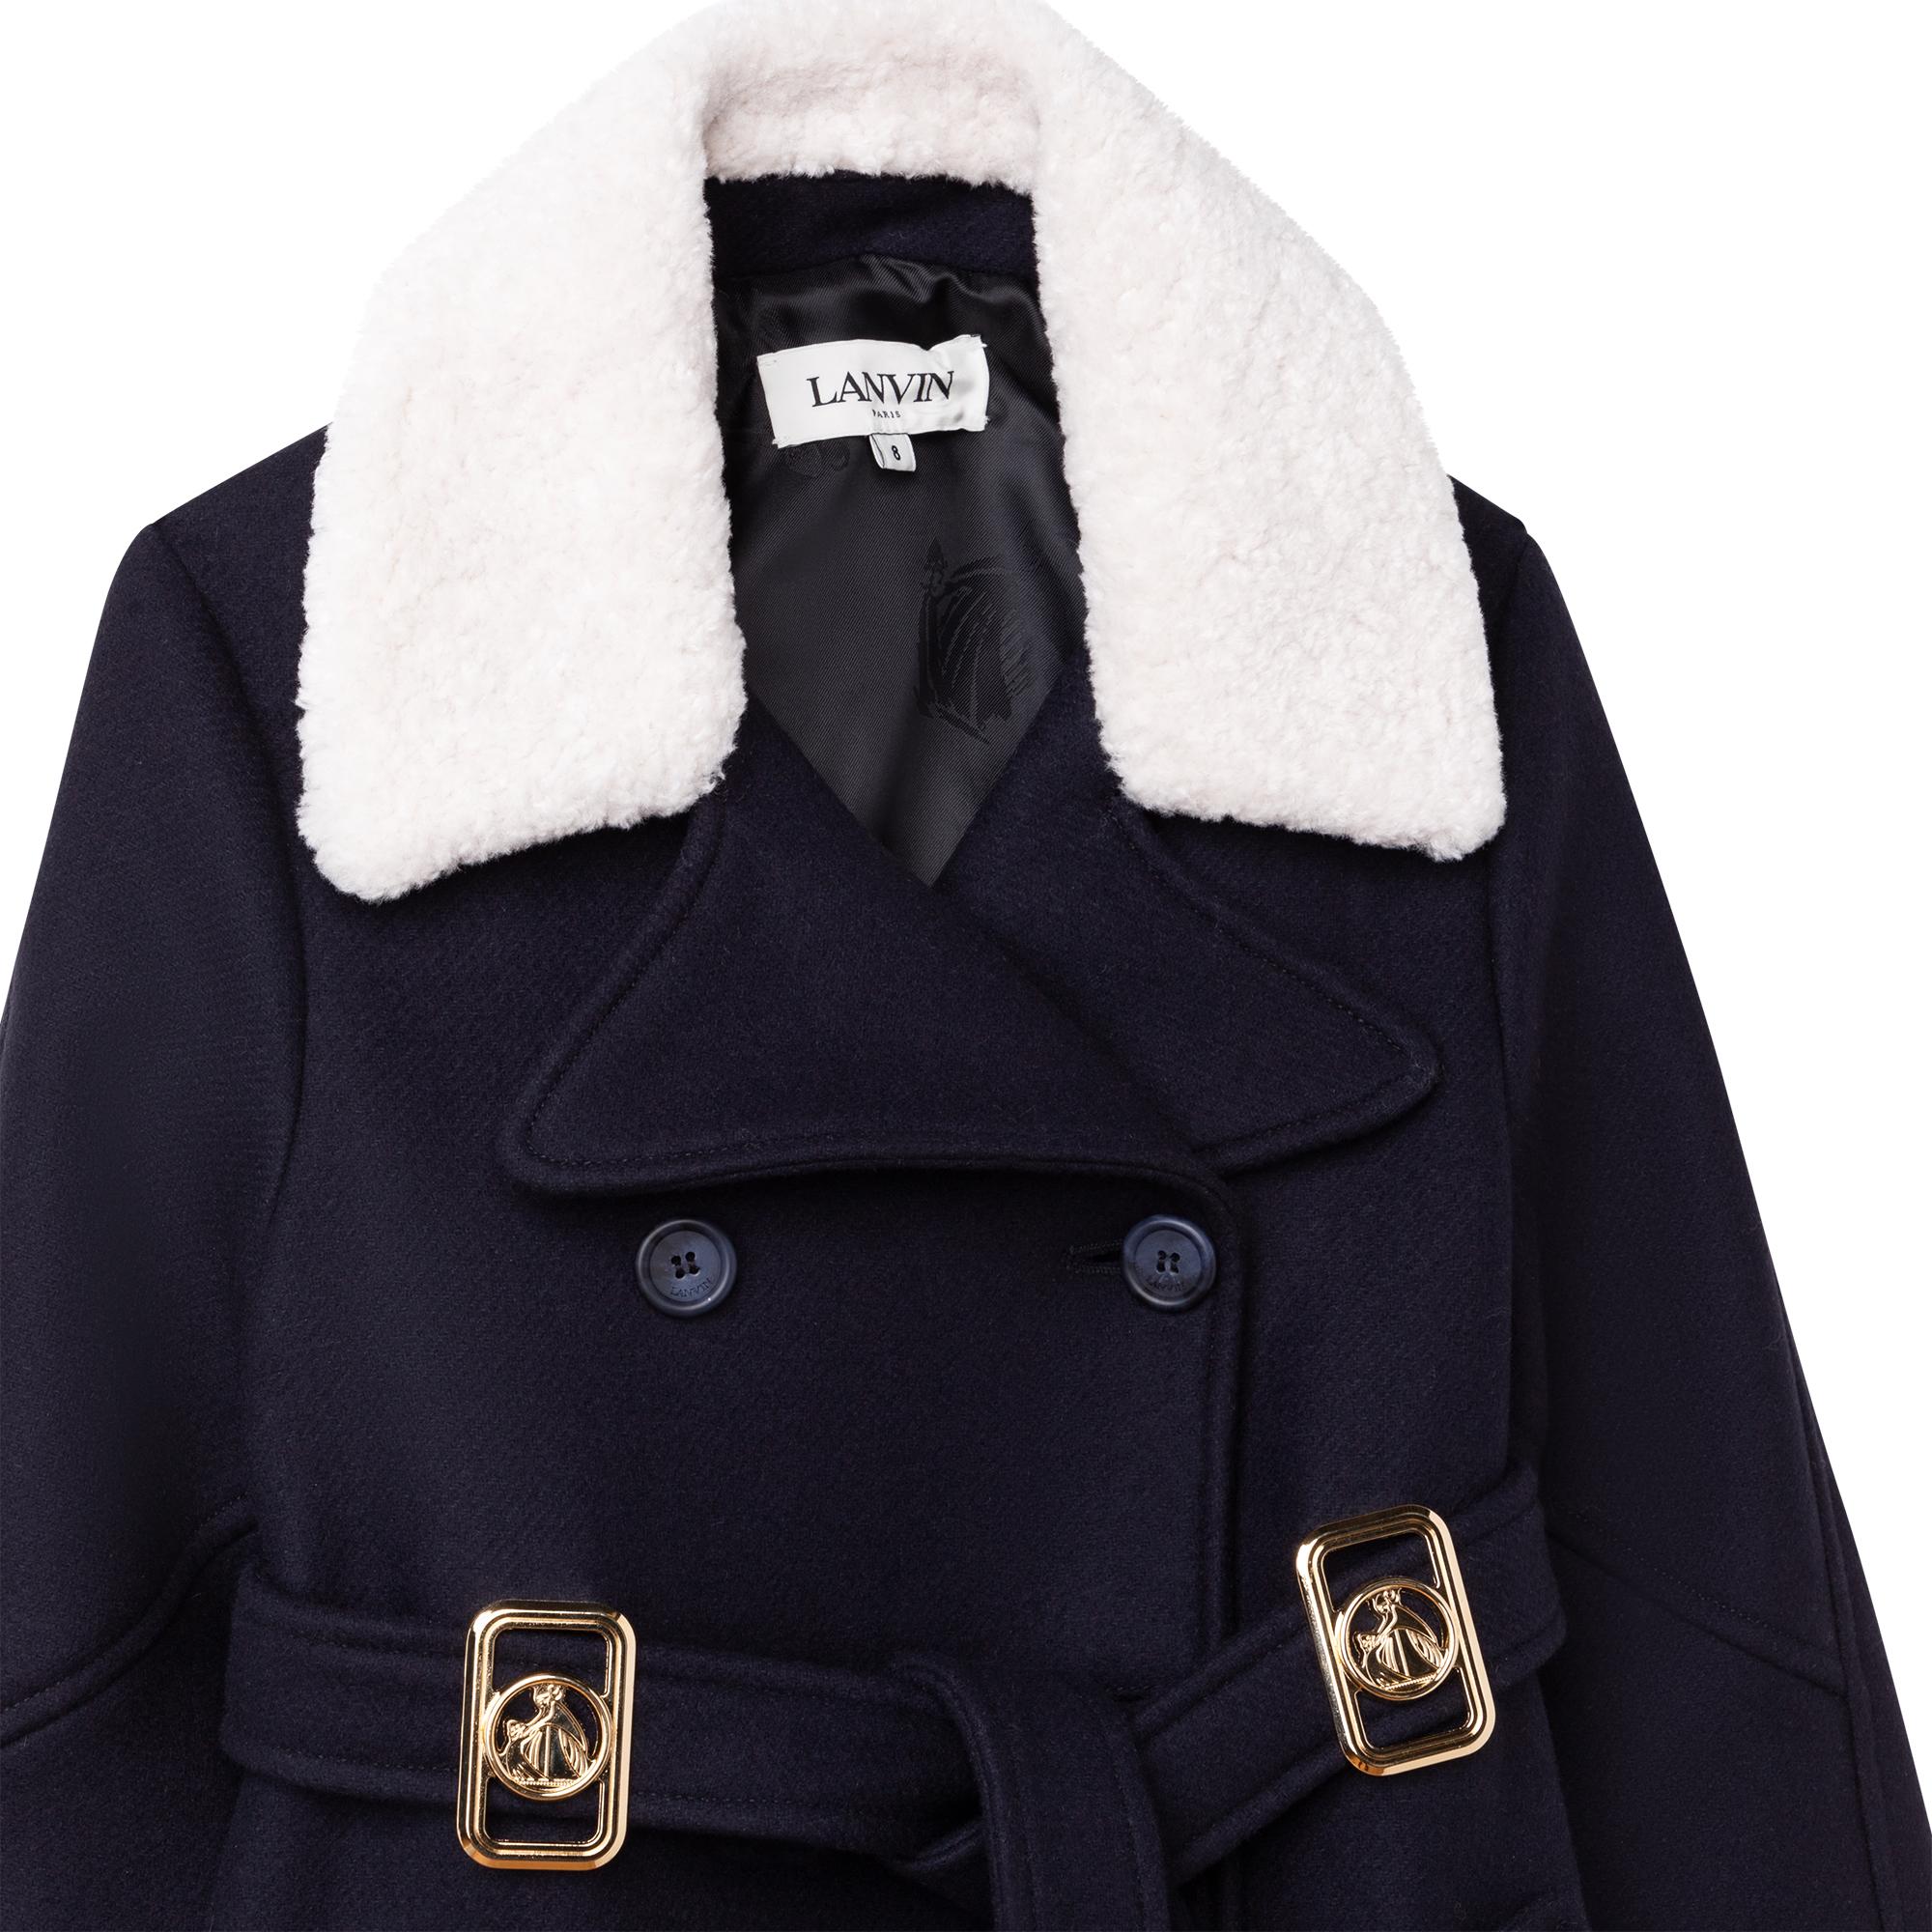 Manteau en drap de laine LANVIN pour FILLE